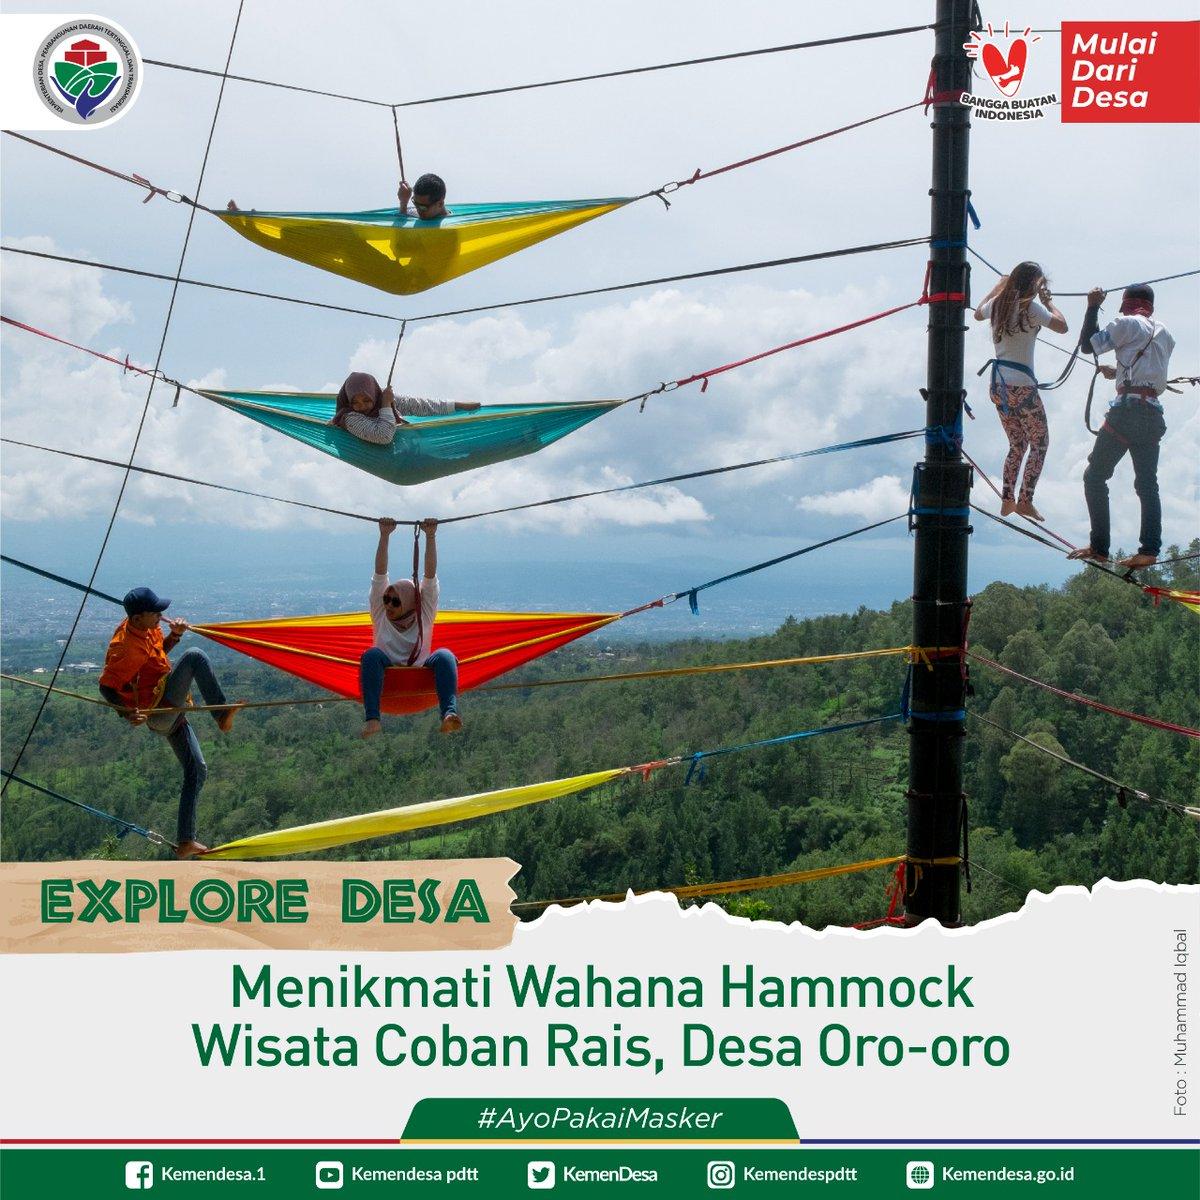 Menikmati wahana hammock di Wisata Coban Rais, Desa Oro Oro Ombo, Batu, Jawa Timur.  Wisata Coban Rais pada 2017 lalu meraih Anugerah Wisata Jawa Timur 2017.  *foto diambil sebelum pandemi covid-19*  #ExploreDesa #DesaBisa #MulaiDariDesa #DesaMajuIndonesiaMaju #KemendesPDTT https://t.co/mptDABFu7E